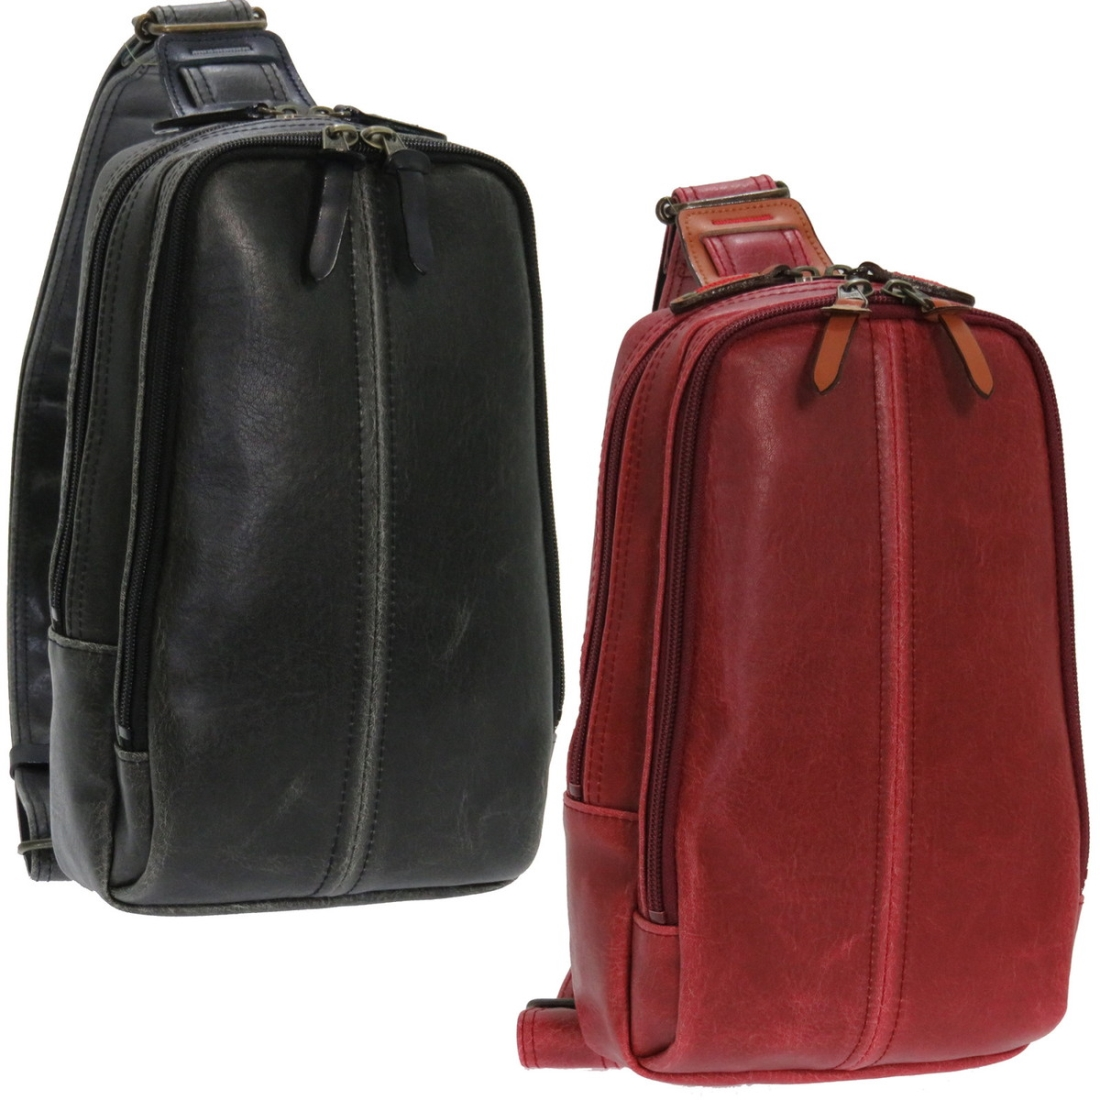 おしゃれ カバン レトロボディーバッグ レッド 日本製日本 PVC 鞄 ボディー バッグ